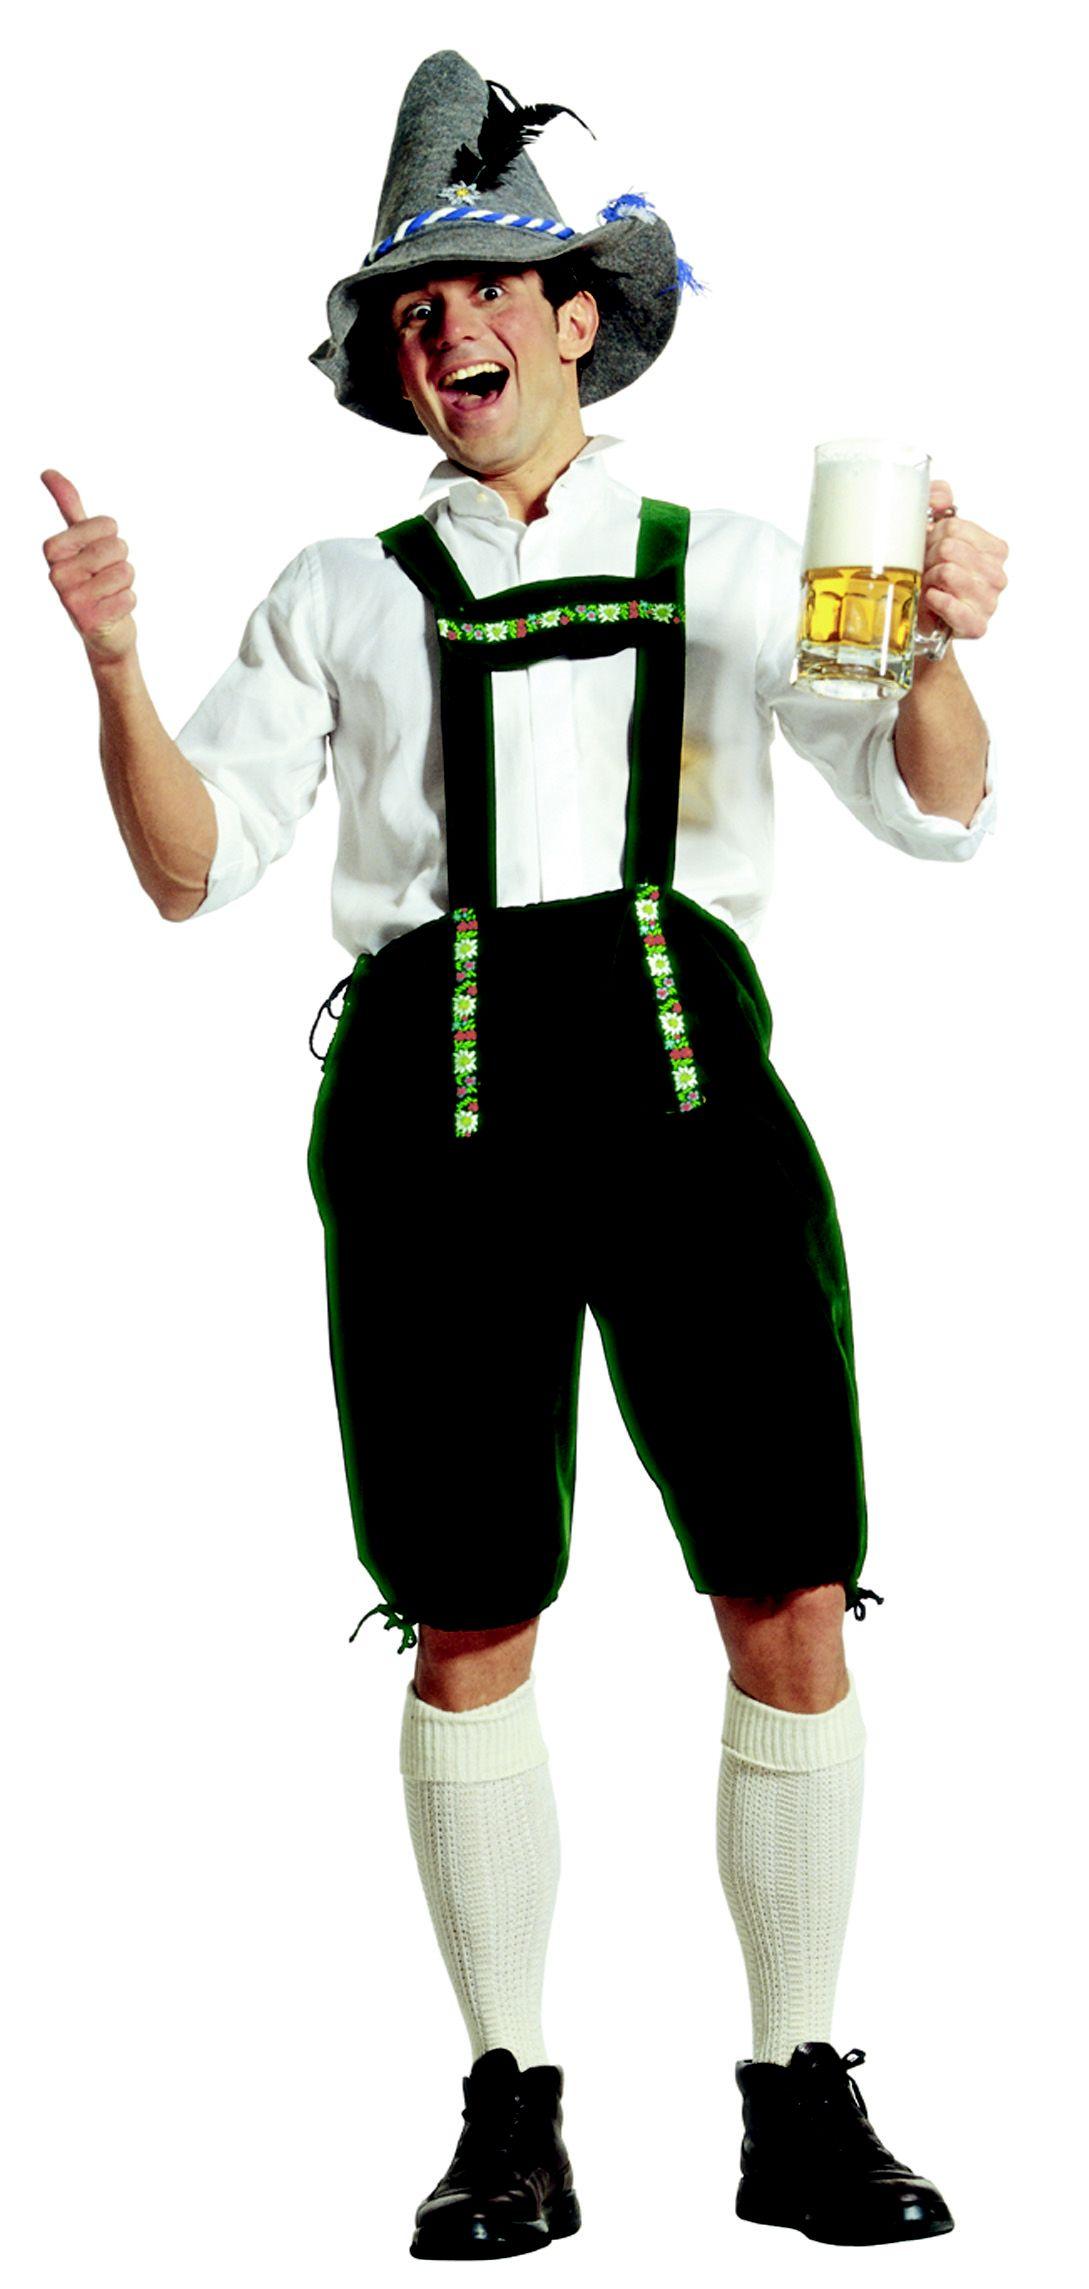 d guisement bavarois costume homme pas cher d guisement carnaval. Black Bedroom Furniture Sets. Home Design Ideas